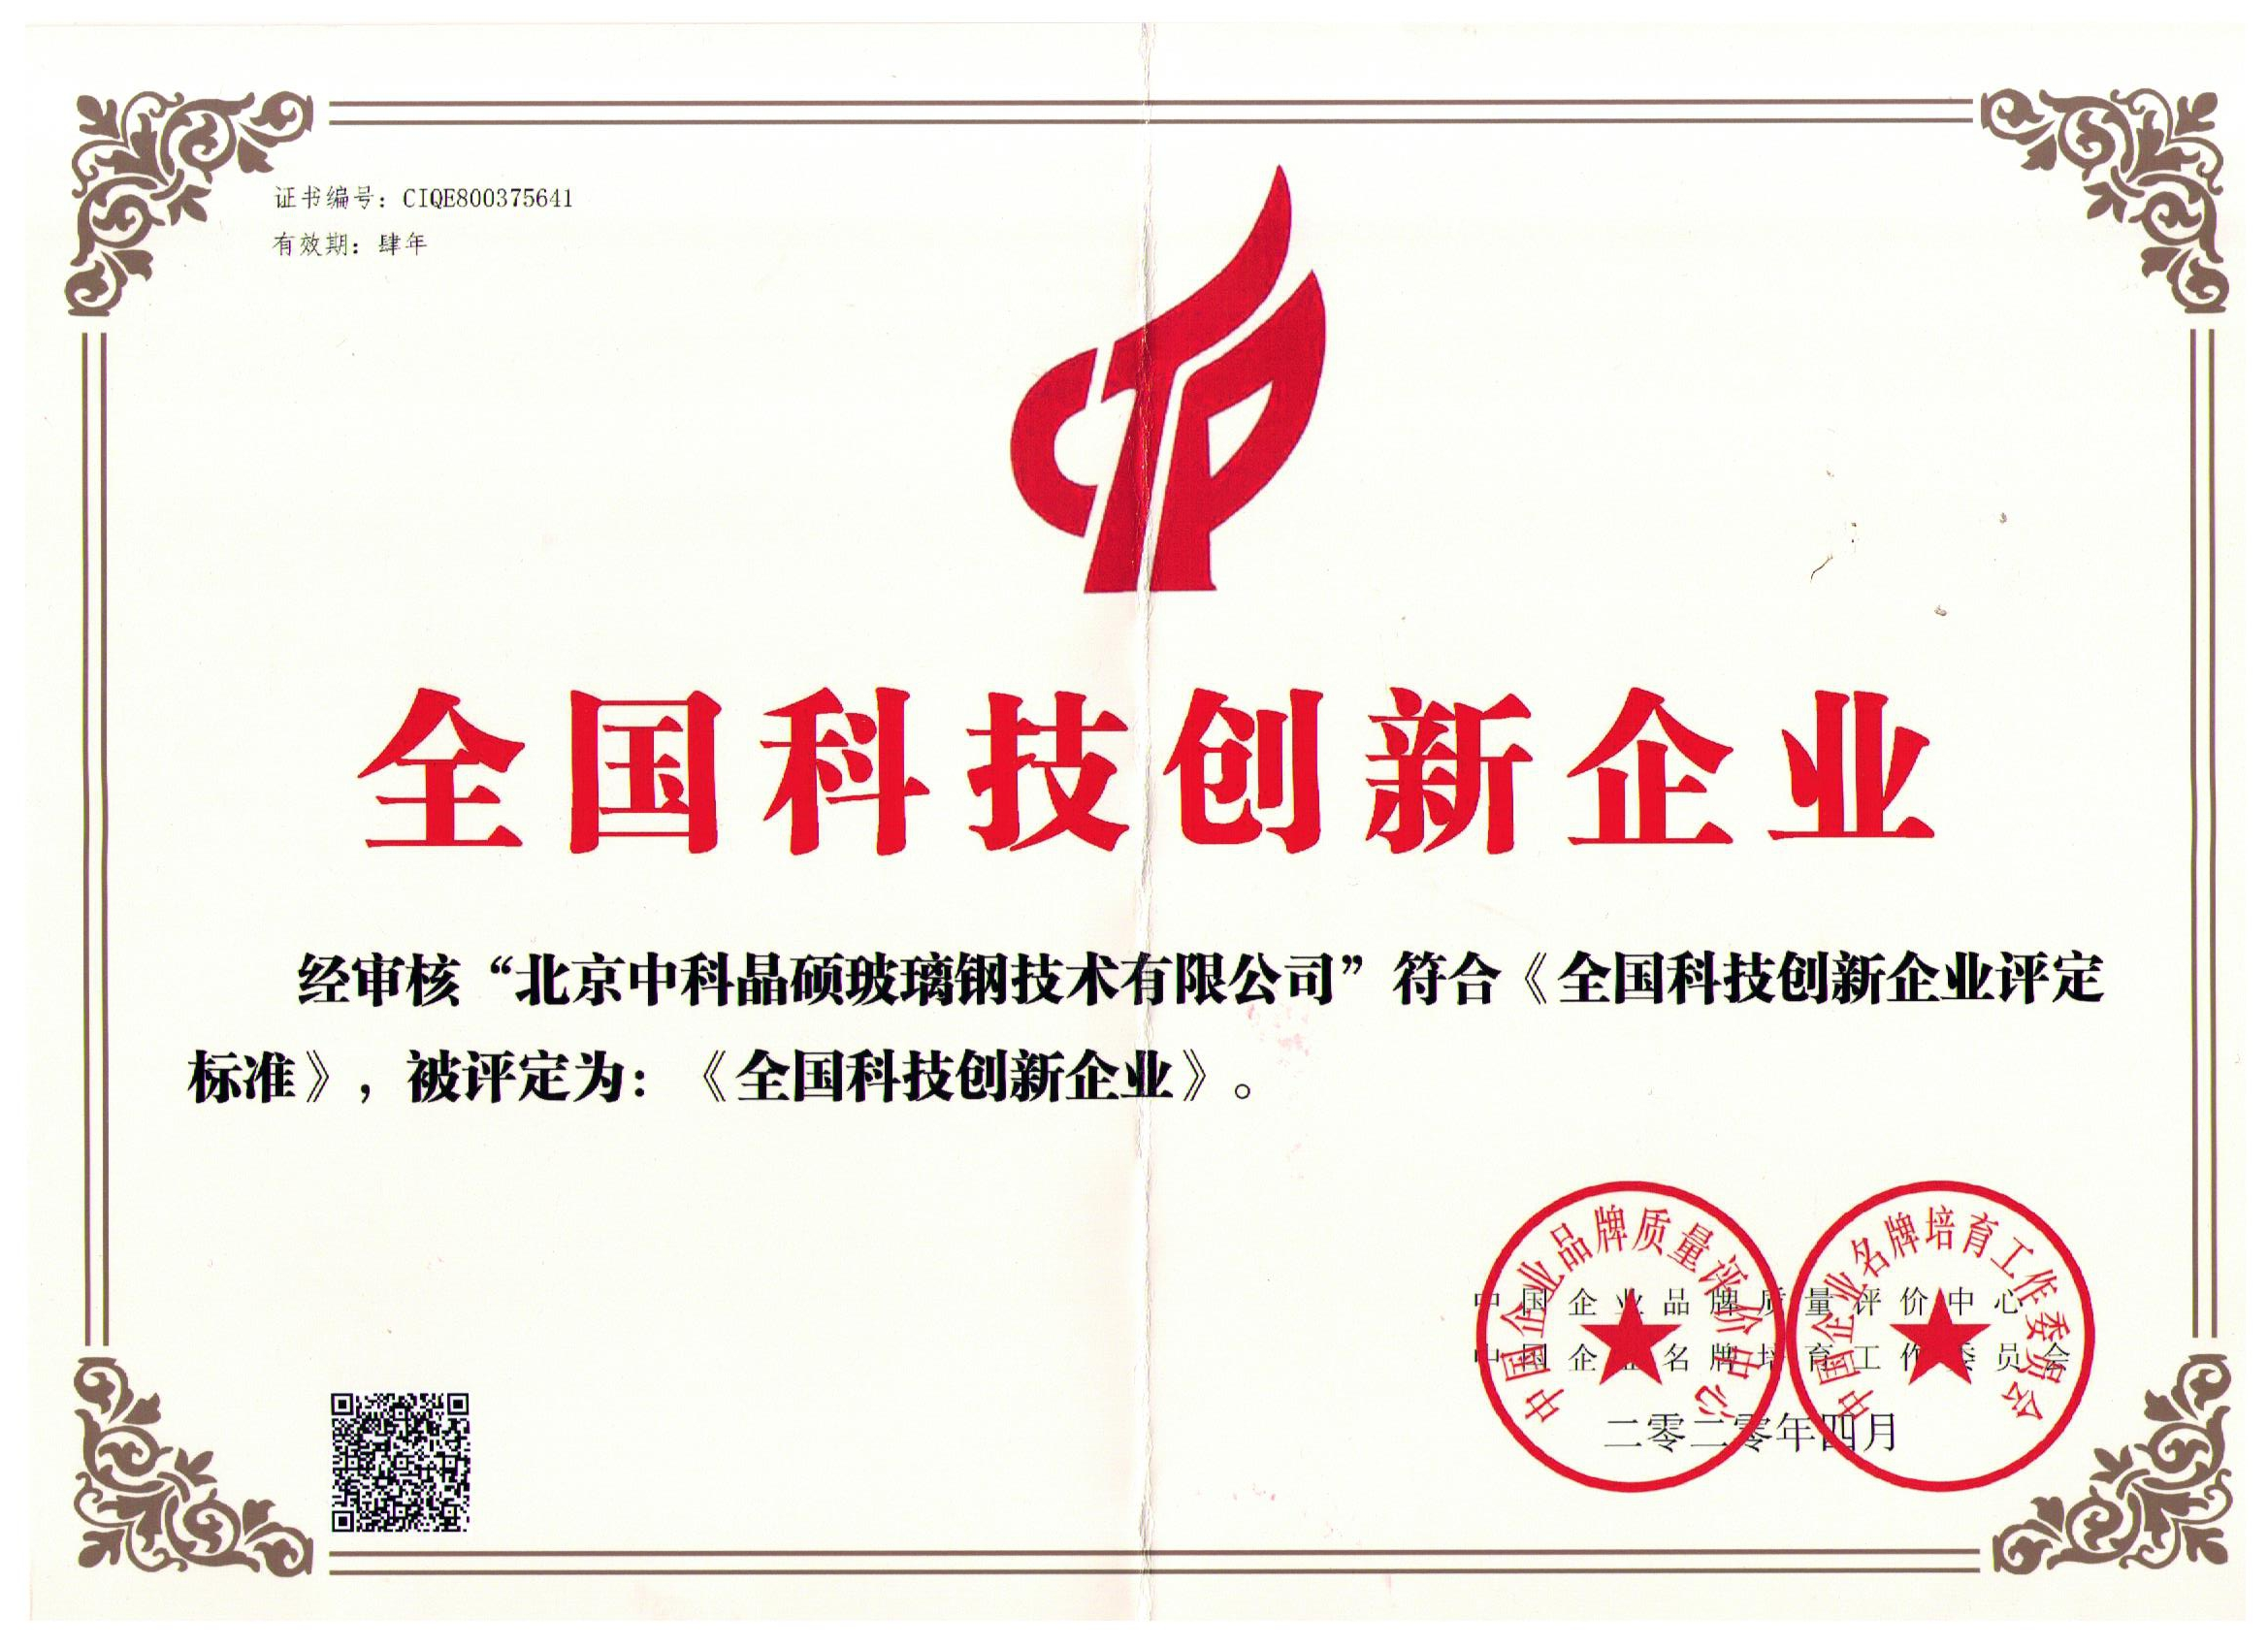 全国科技创新企业证书